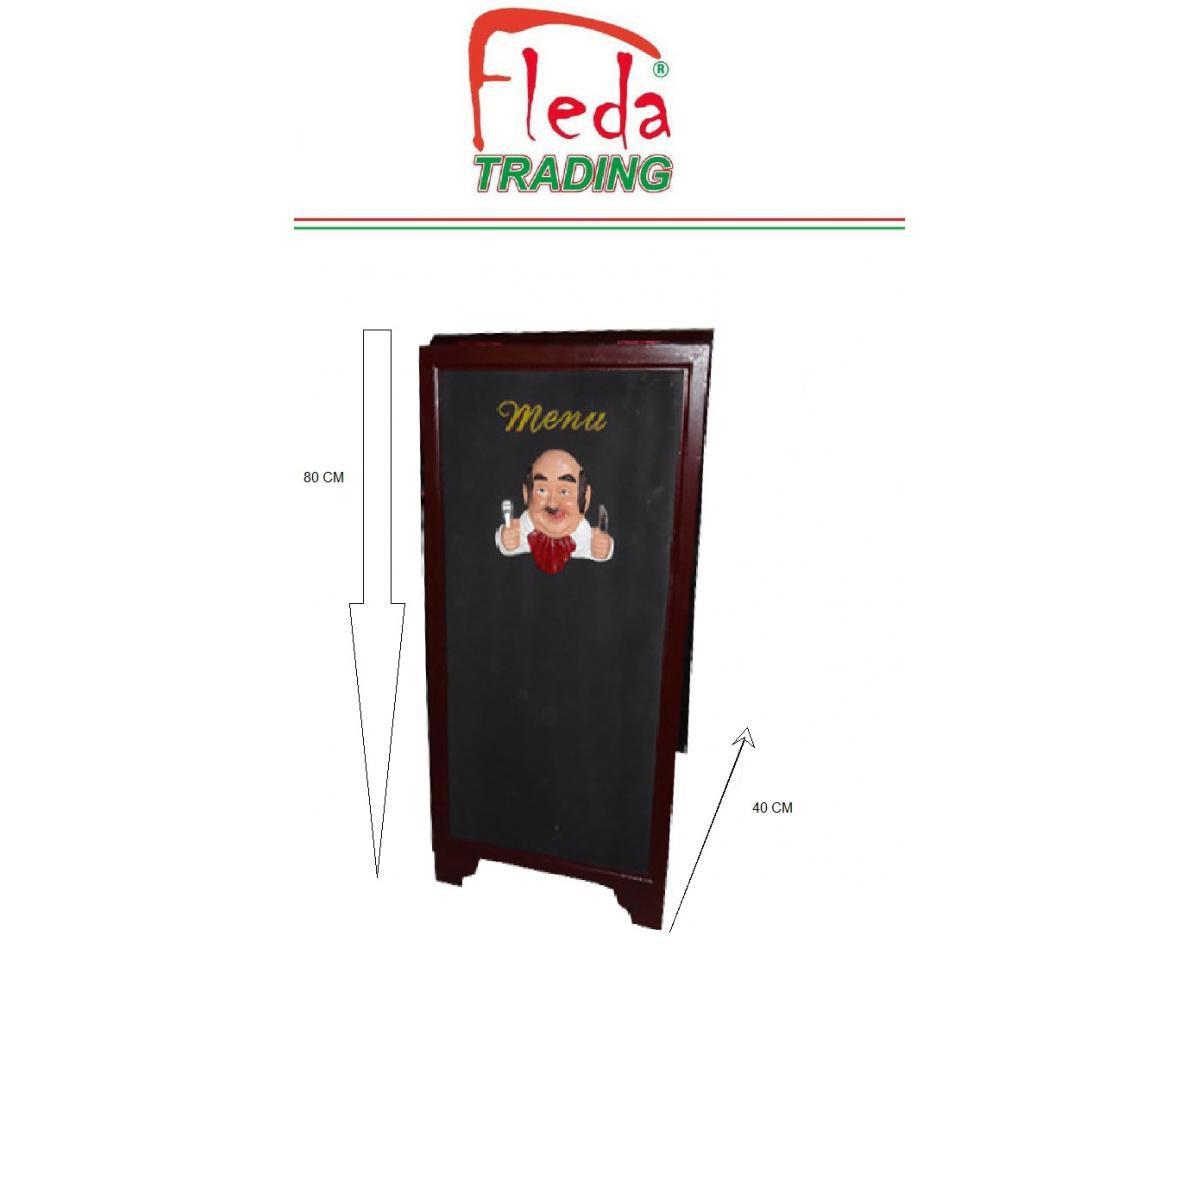 Fleda Trading Marqueur de menu de tableau noir de chevalet double face 80x40 avec résine Cook